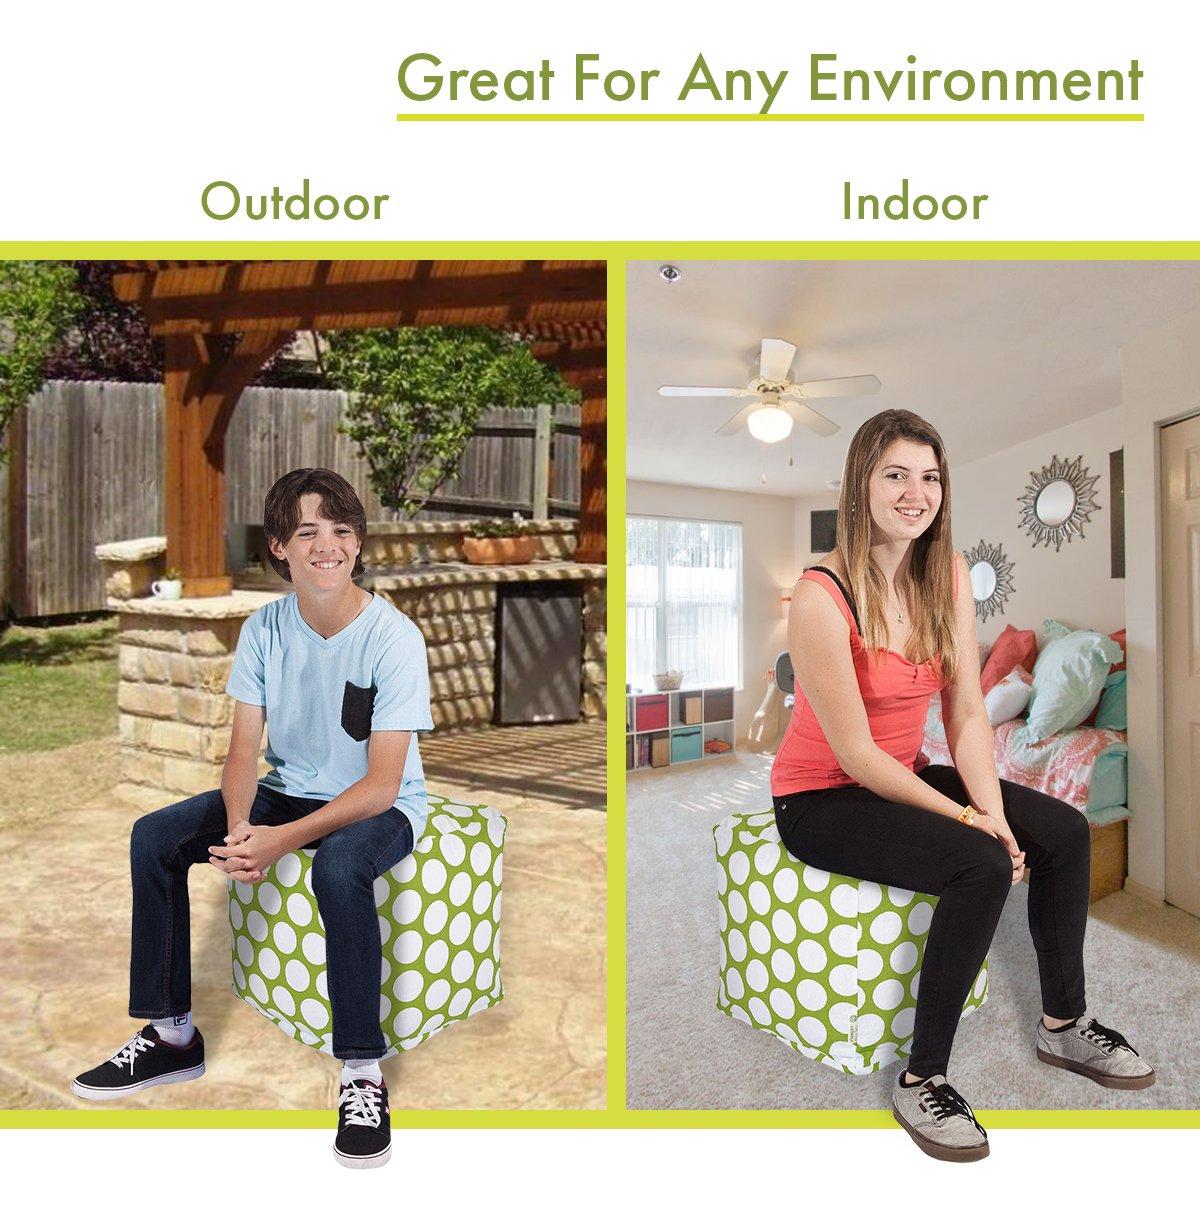 Majestic Home Goods 85907210126 Hot Green Large Polka Dot Bean Bag Ottoman Pouf Cube L W x 17 H